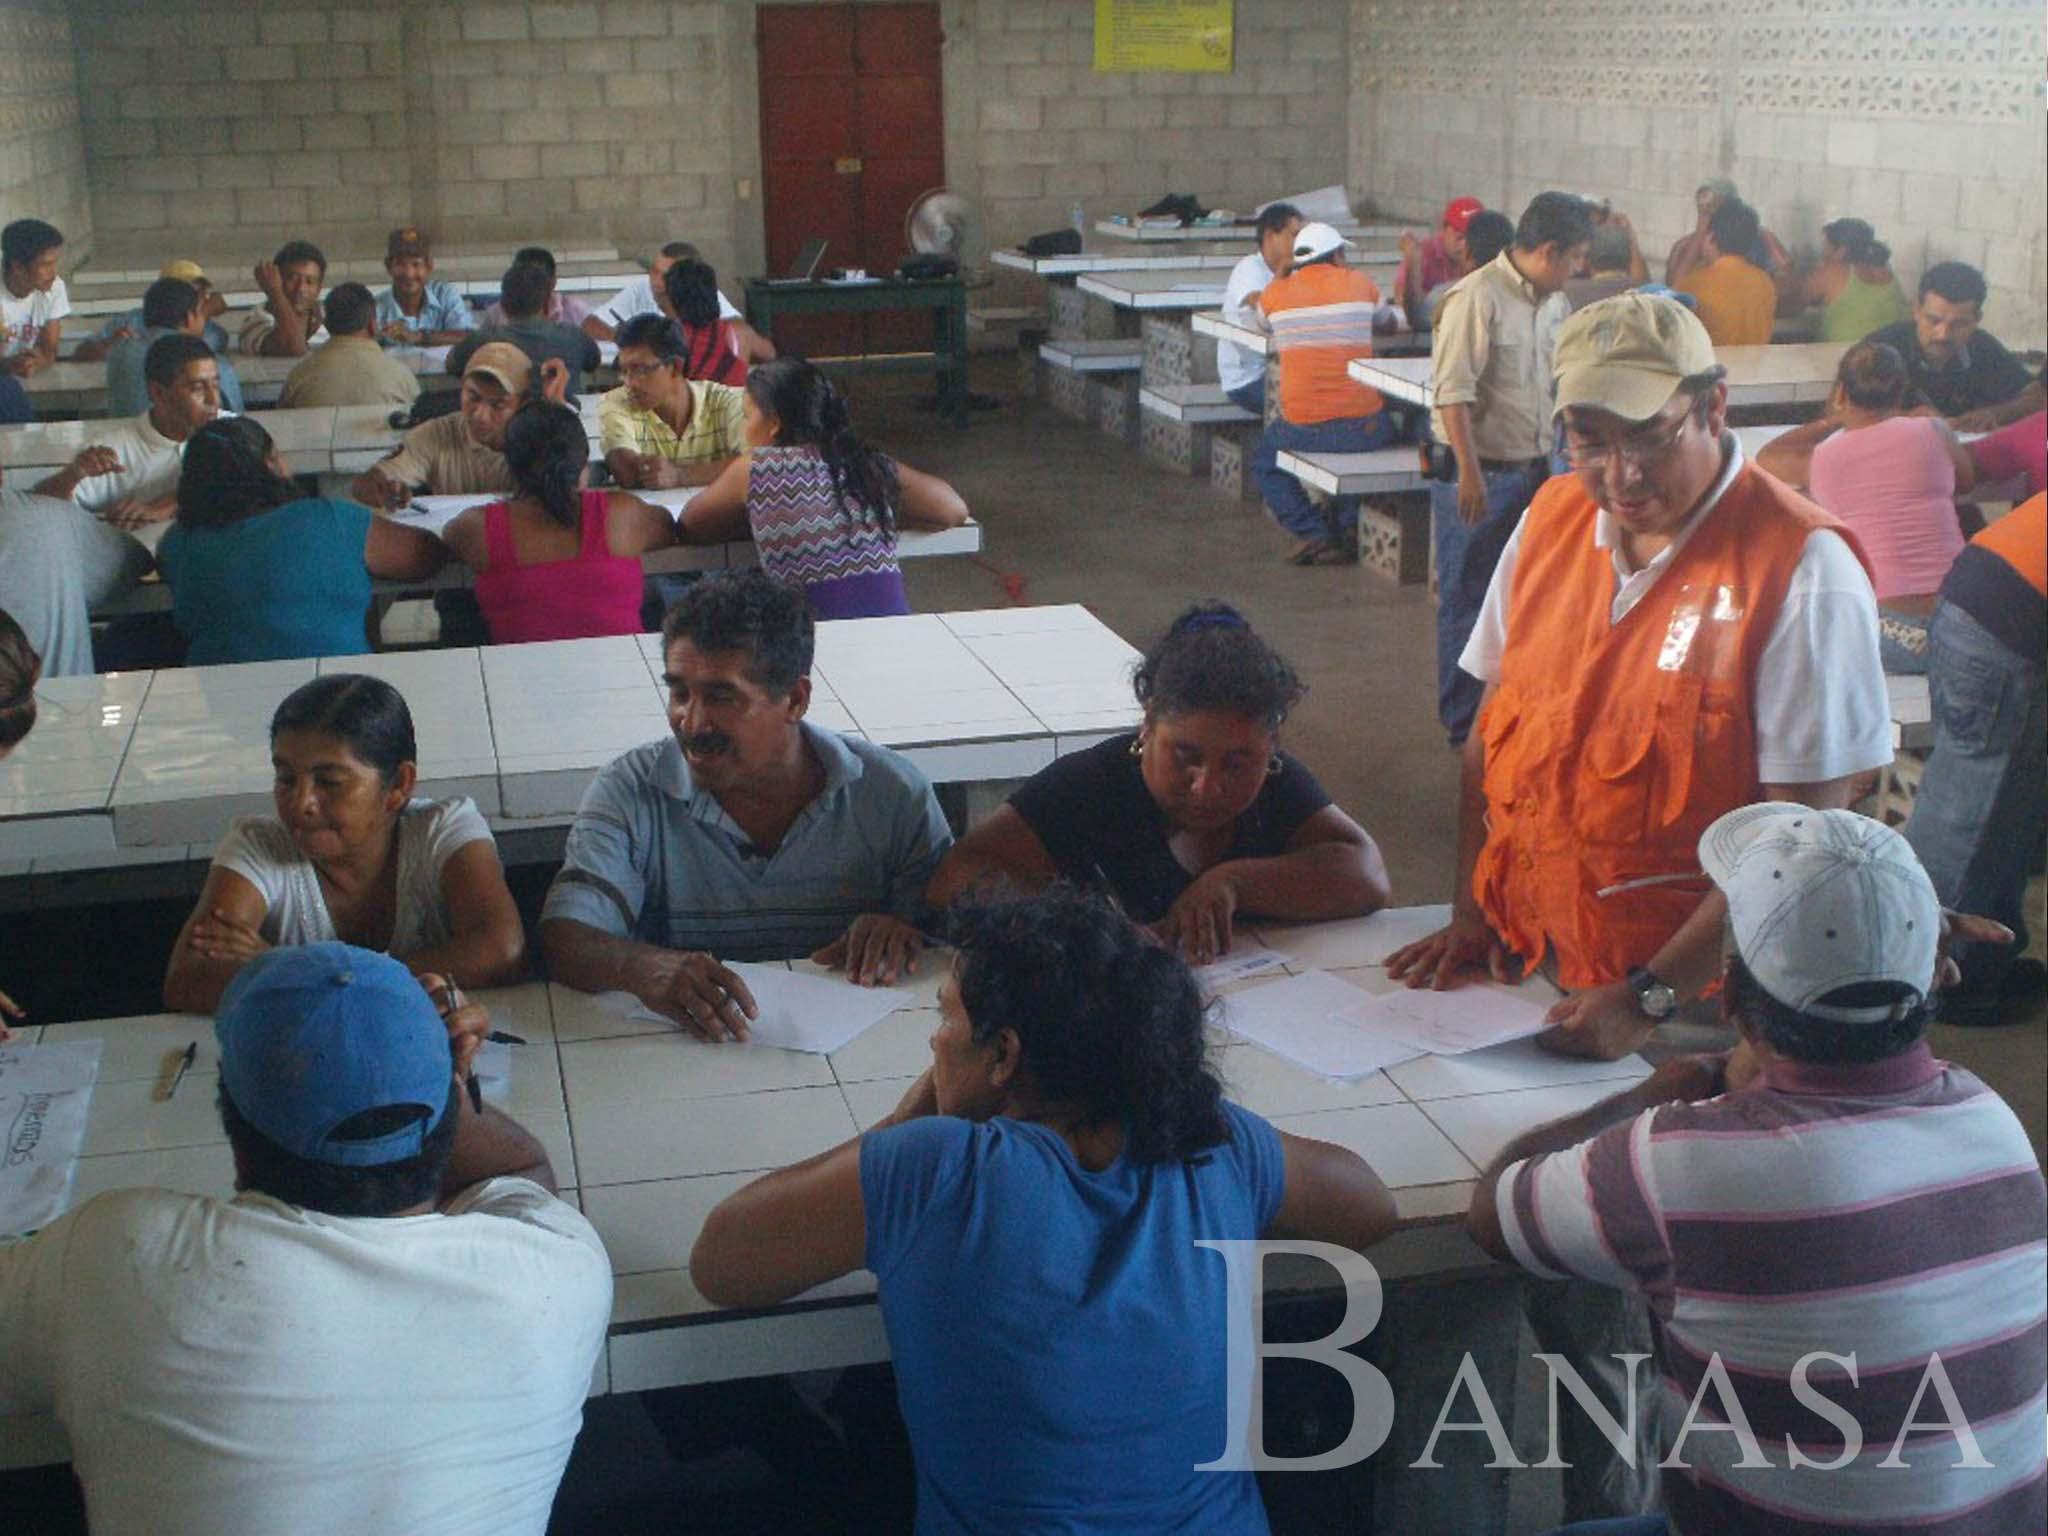 BANASA INAUGURA EL PROYECTO COLRED EN ÁREA DEL TRIFINIO SUROESTE DE GUATEMALA